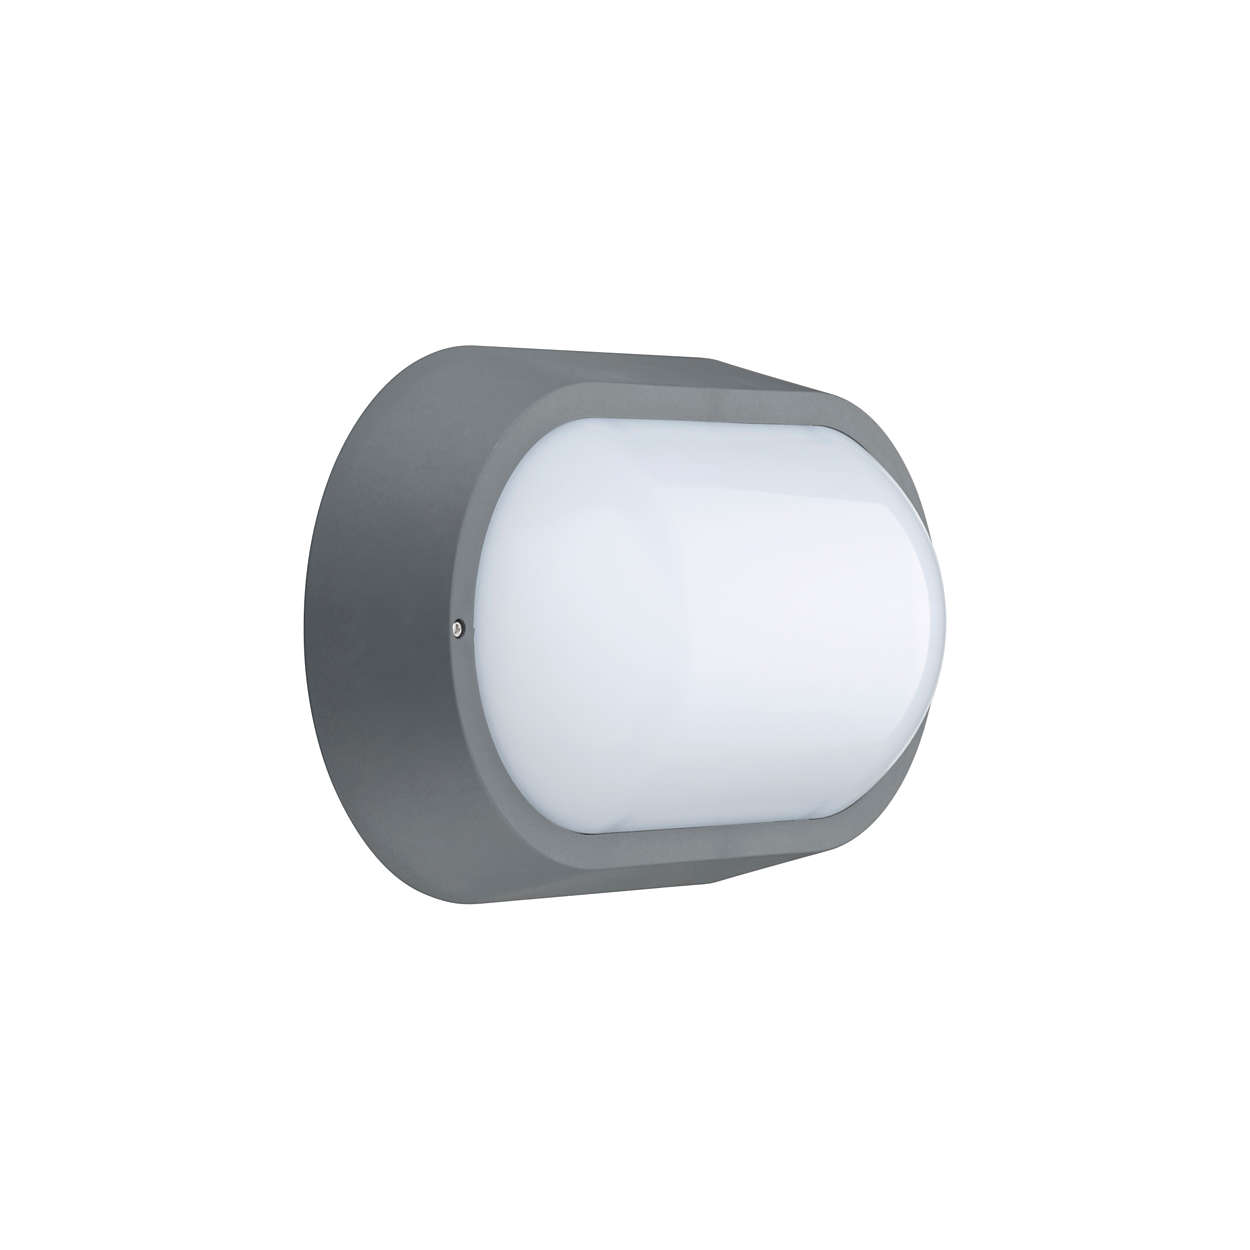 CoreLine Wall-mounted - La scelta ideale per passare ai LED